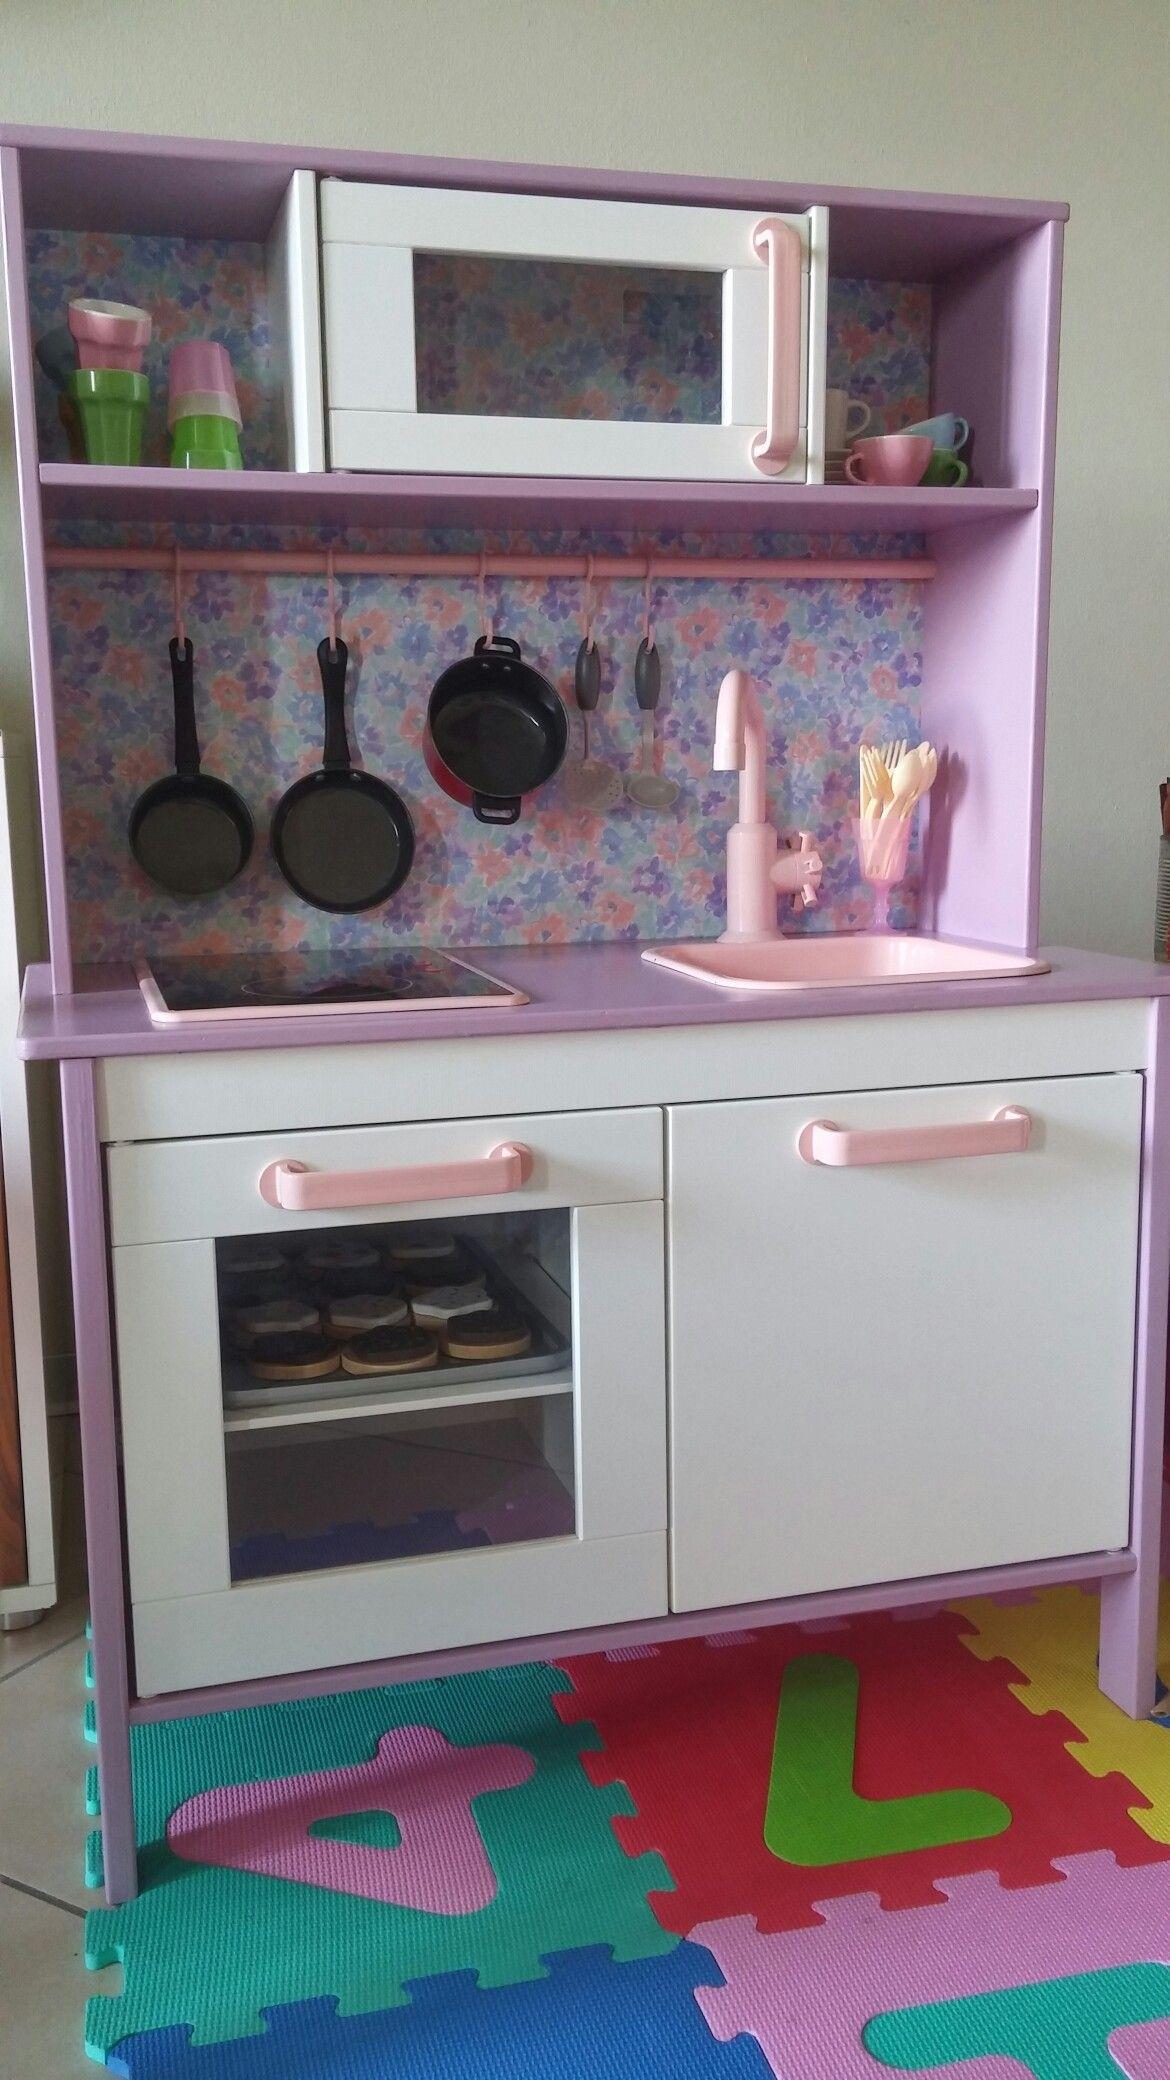 Cucina giocattolo ikea  Ispirazione camere per bambini Kid bedroom inspiration nel 2019